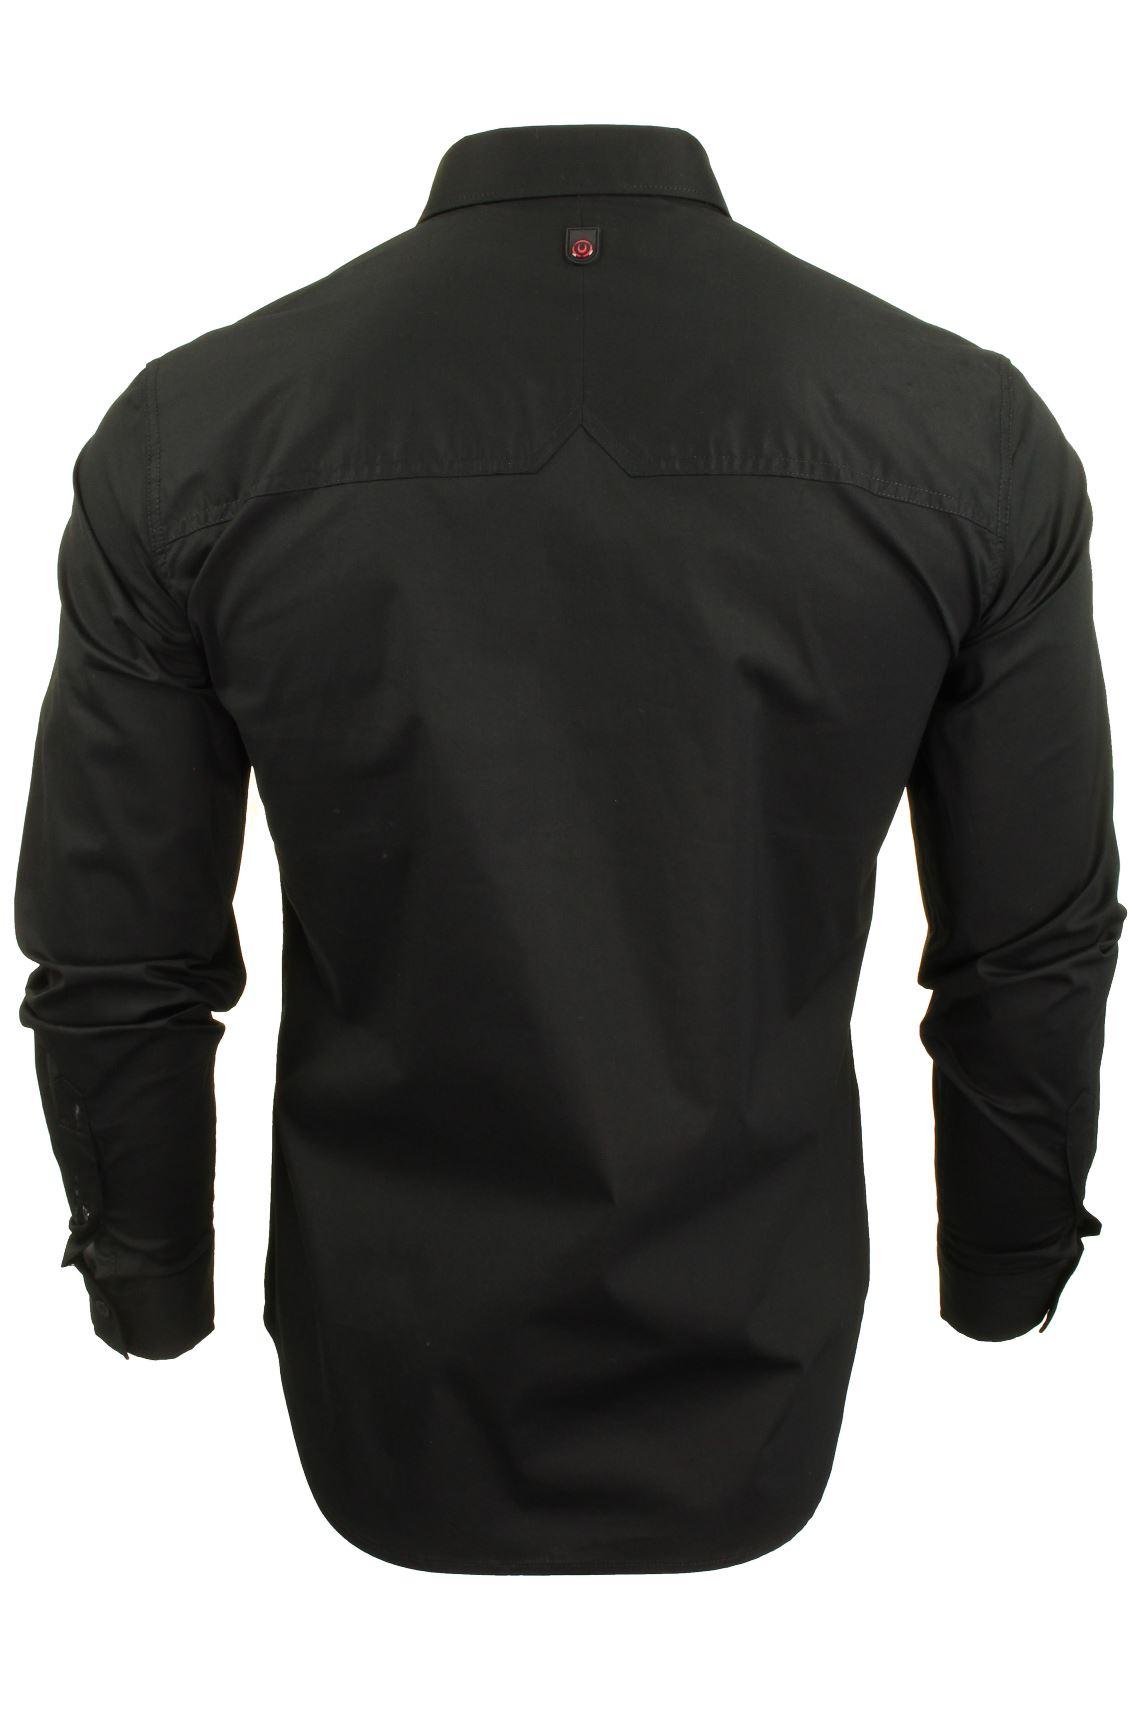 Para-Hombres-Camisa-Manga-Larga-Popelin-del-estiramiento-por-Pato-Y-Cubierta-039-raginald-039 miniatura 5